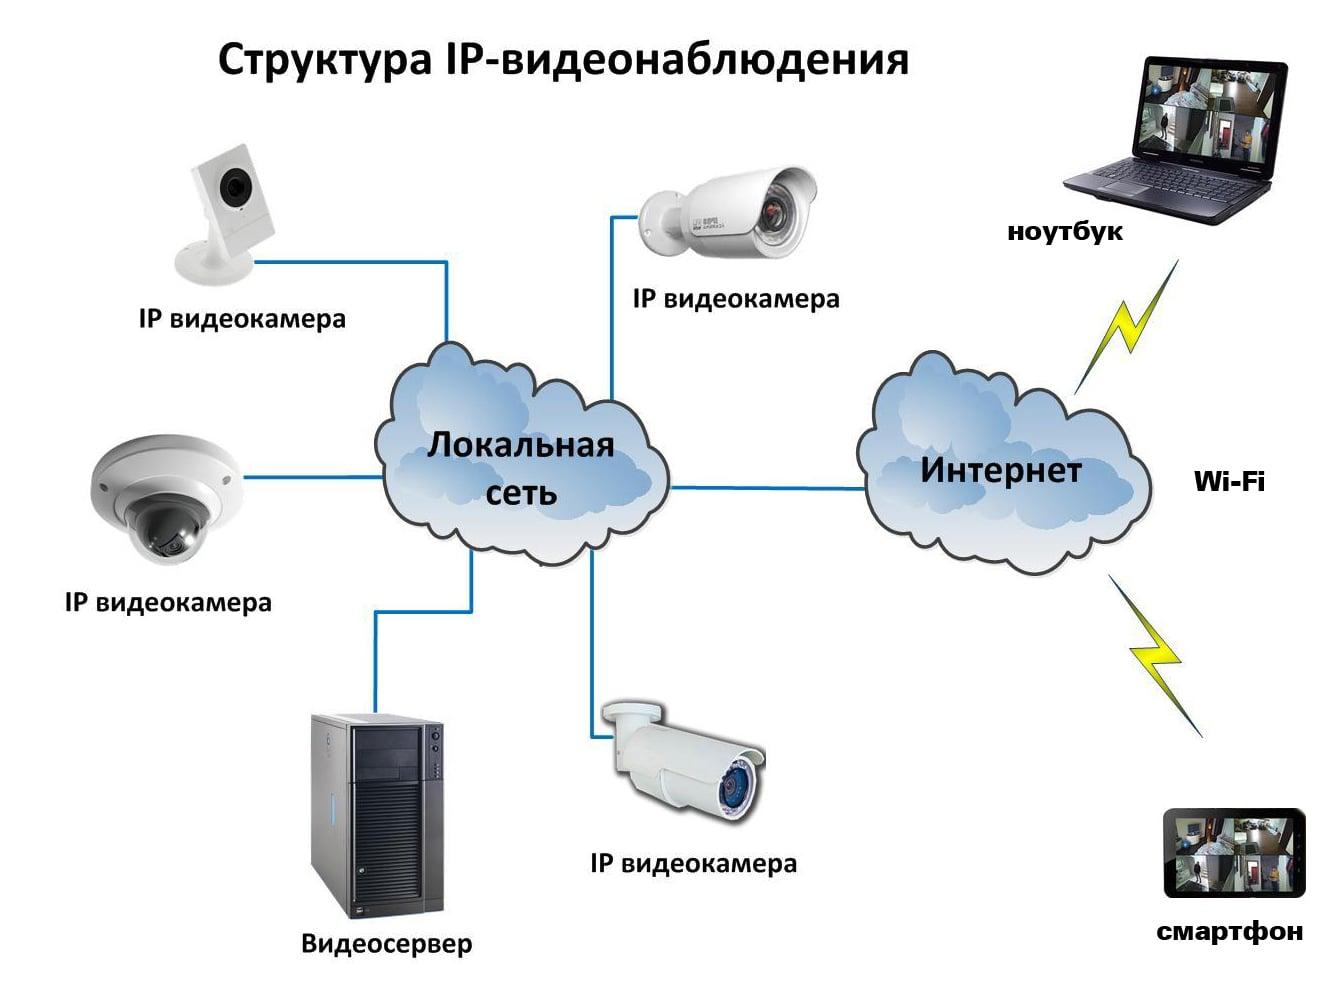 Видеонаблюдение для частного дома — уличное, беспроводное, камеры, выбор и установка системы